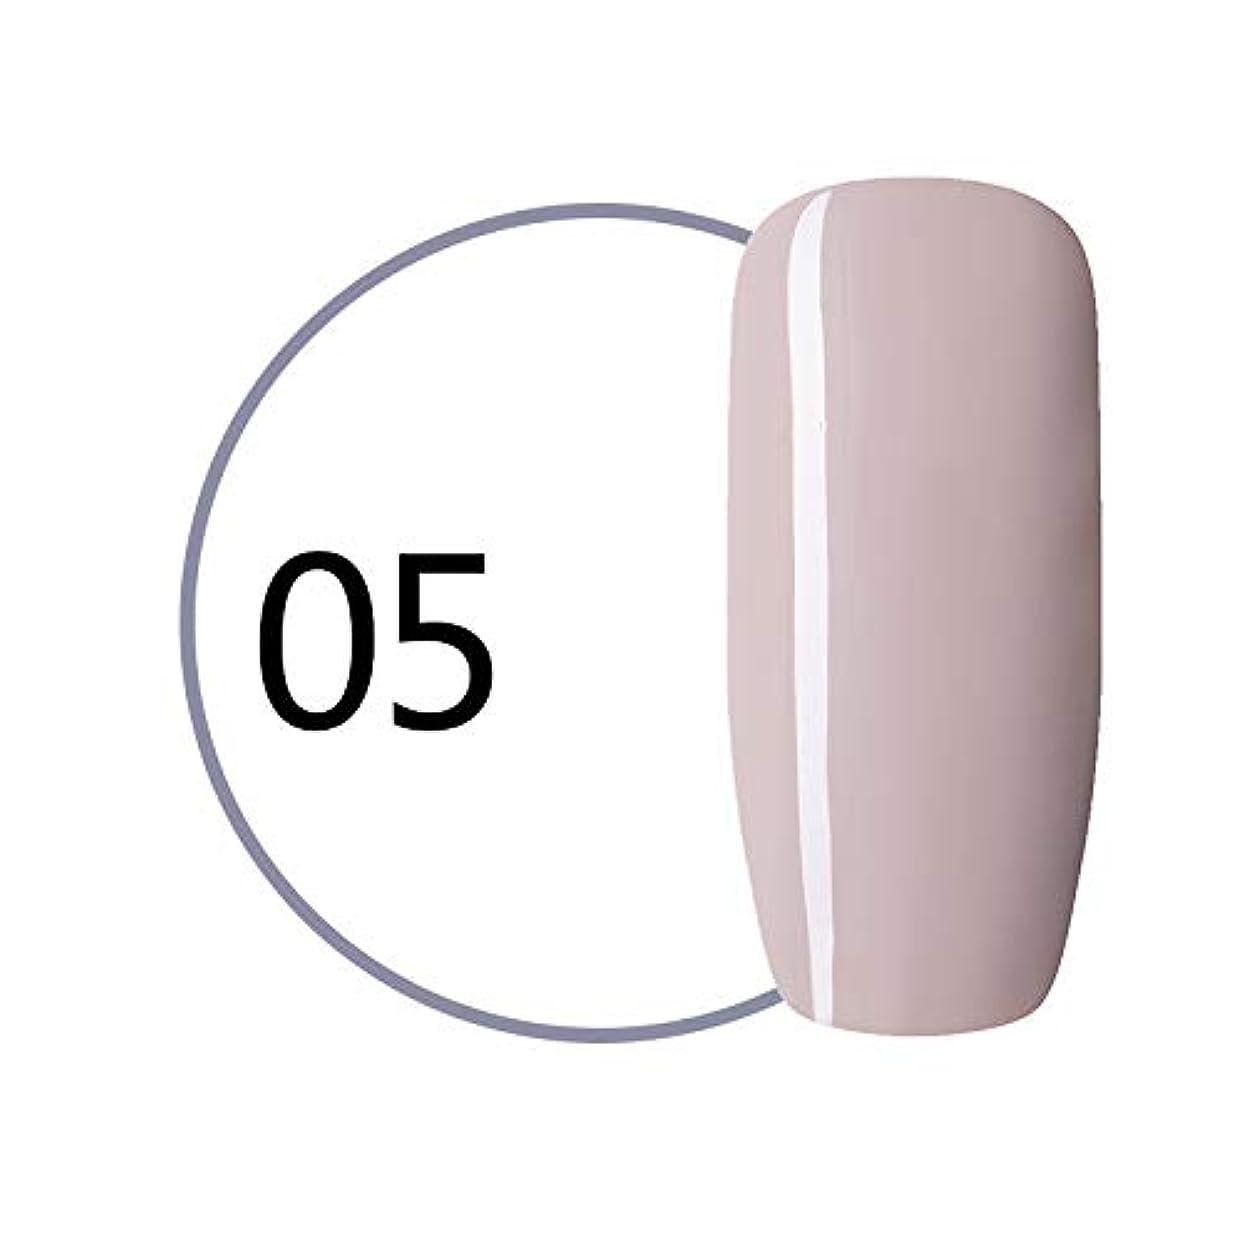 指鋼デコードするSymboat マニキュア ソークオフ UV LED ネイルジェルポリッシュ ワイングレーシリーズ ネイル用品 女優 人気 初心者にも対応 安全 無毒